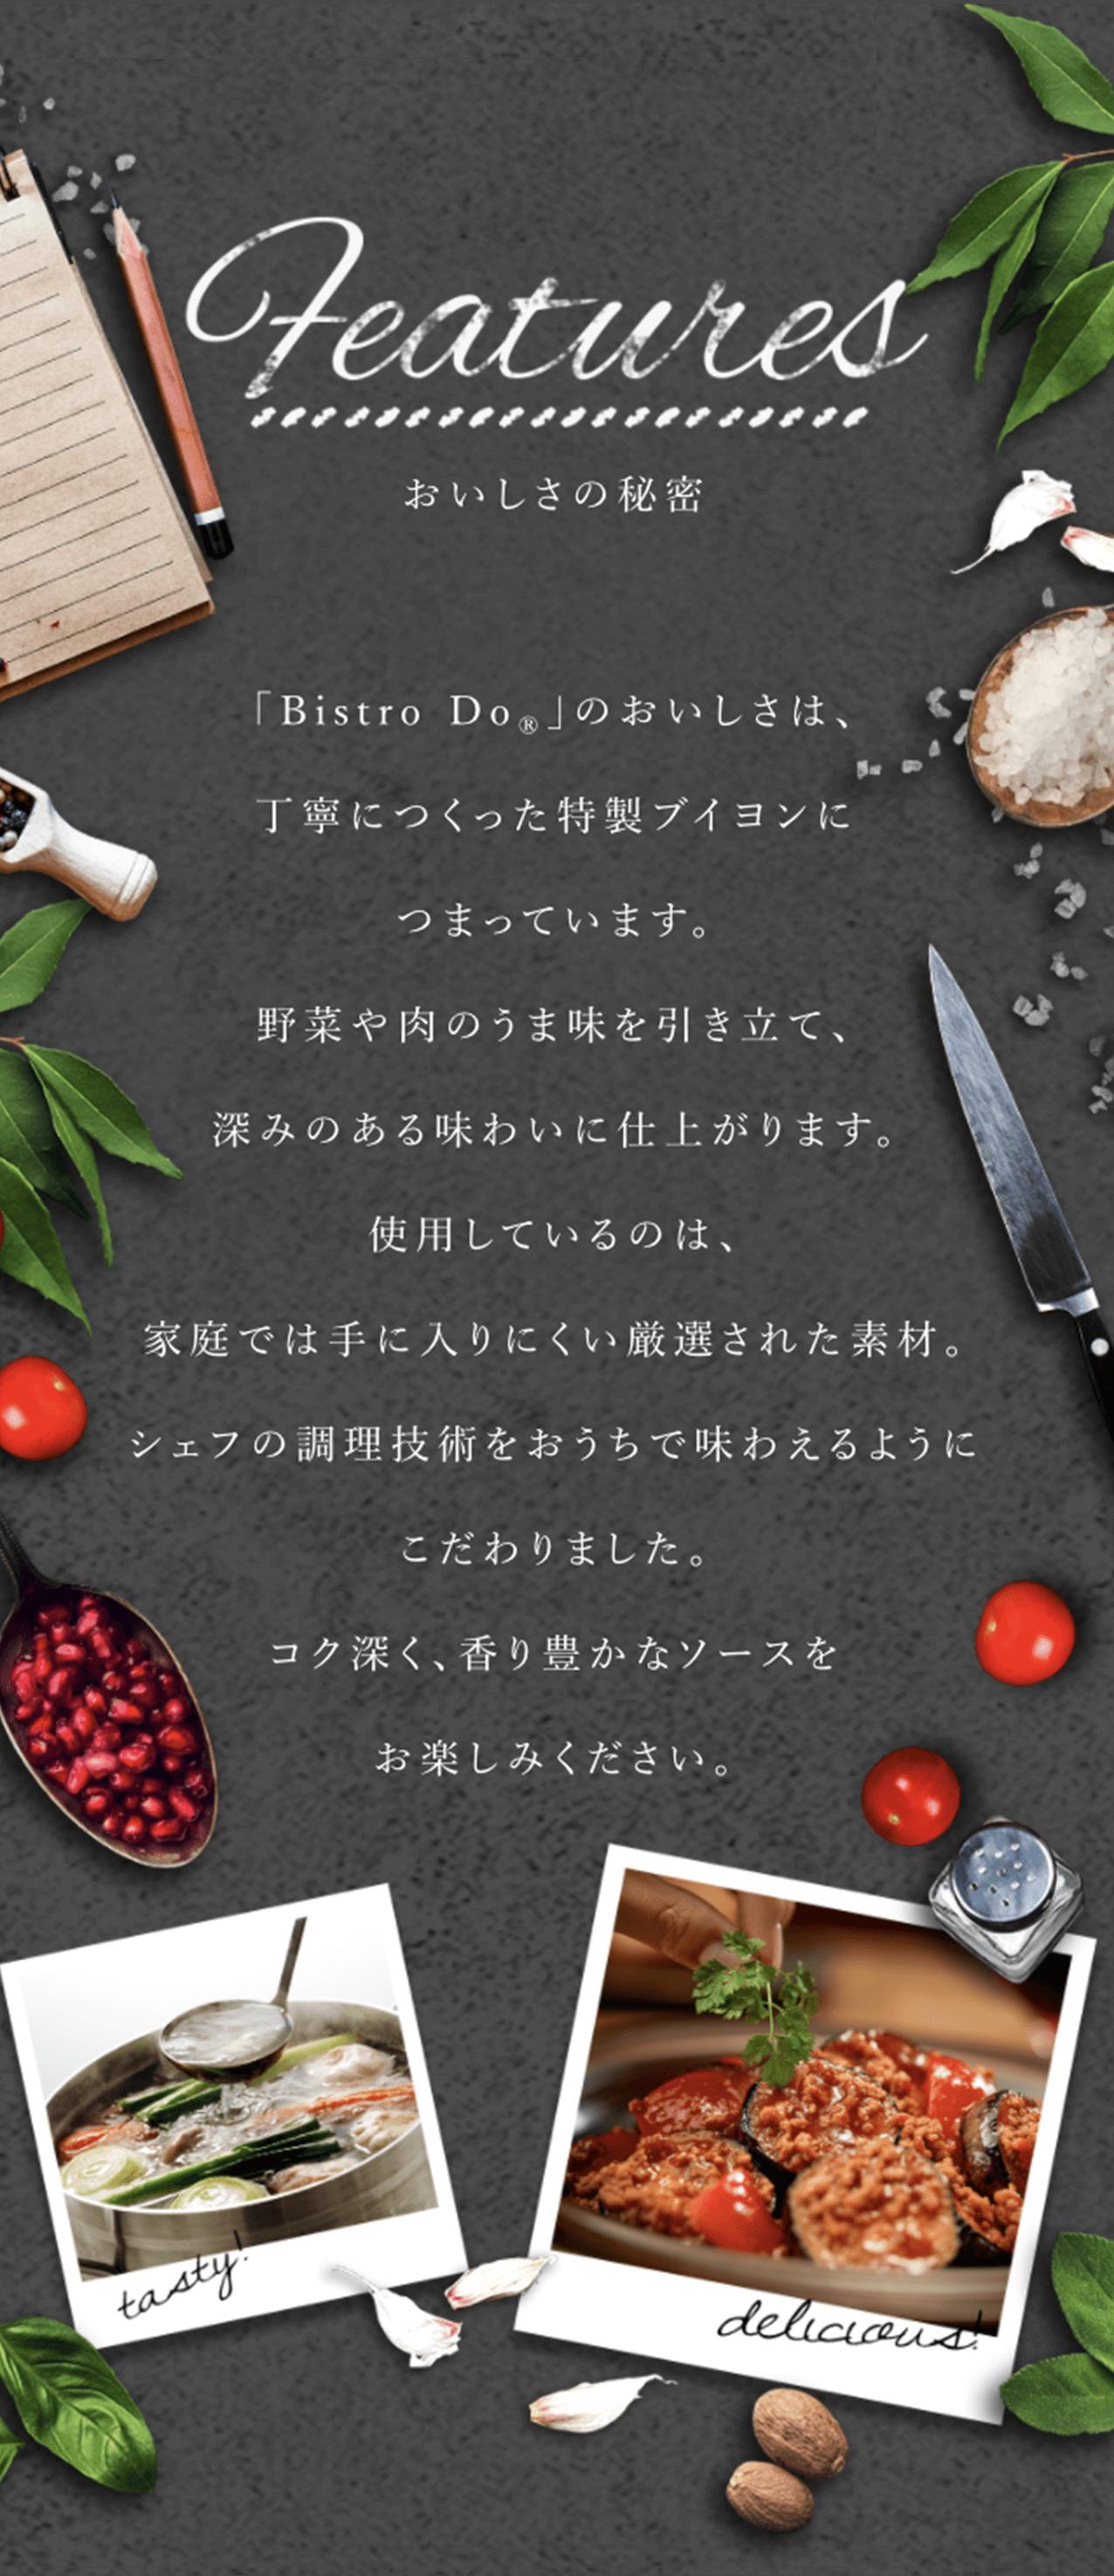 おいしさの秘密         「Bistro Do®」のおいしさは、 丁寧につくった特製ブイヨンに つまっています。 野菜や肉のうま味を引き立て、 深みのある味わいに仕上がります。 使用しているのは、 家庭では手に入りにくい厳選された素材。 シェフの調理技術をおうちで味わえるように こだわりました。 コク深く、香り豊かなソースを お楽しみください。